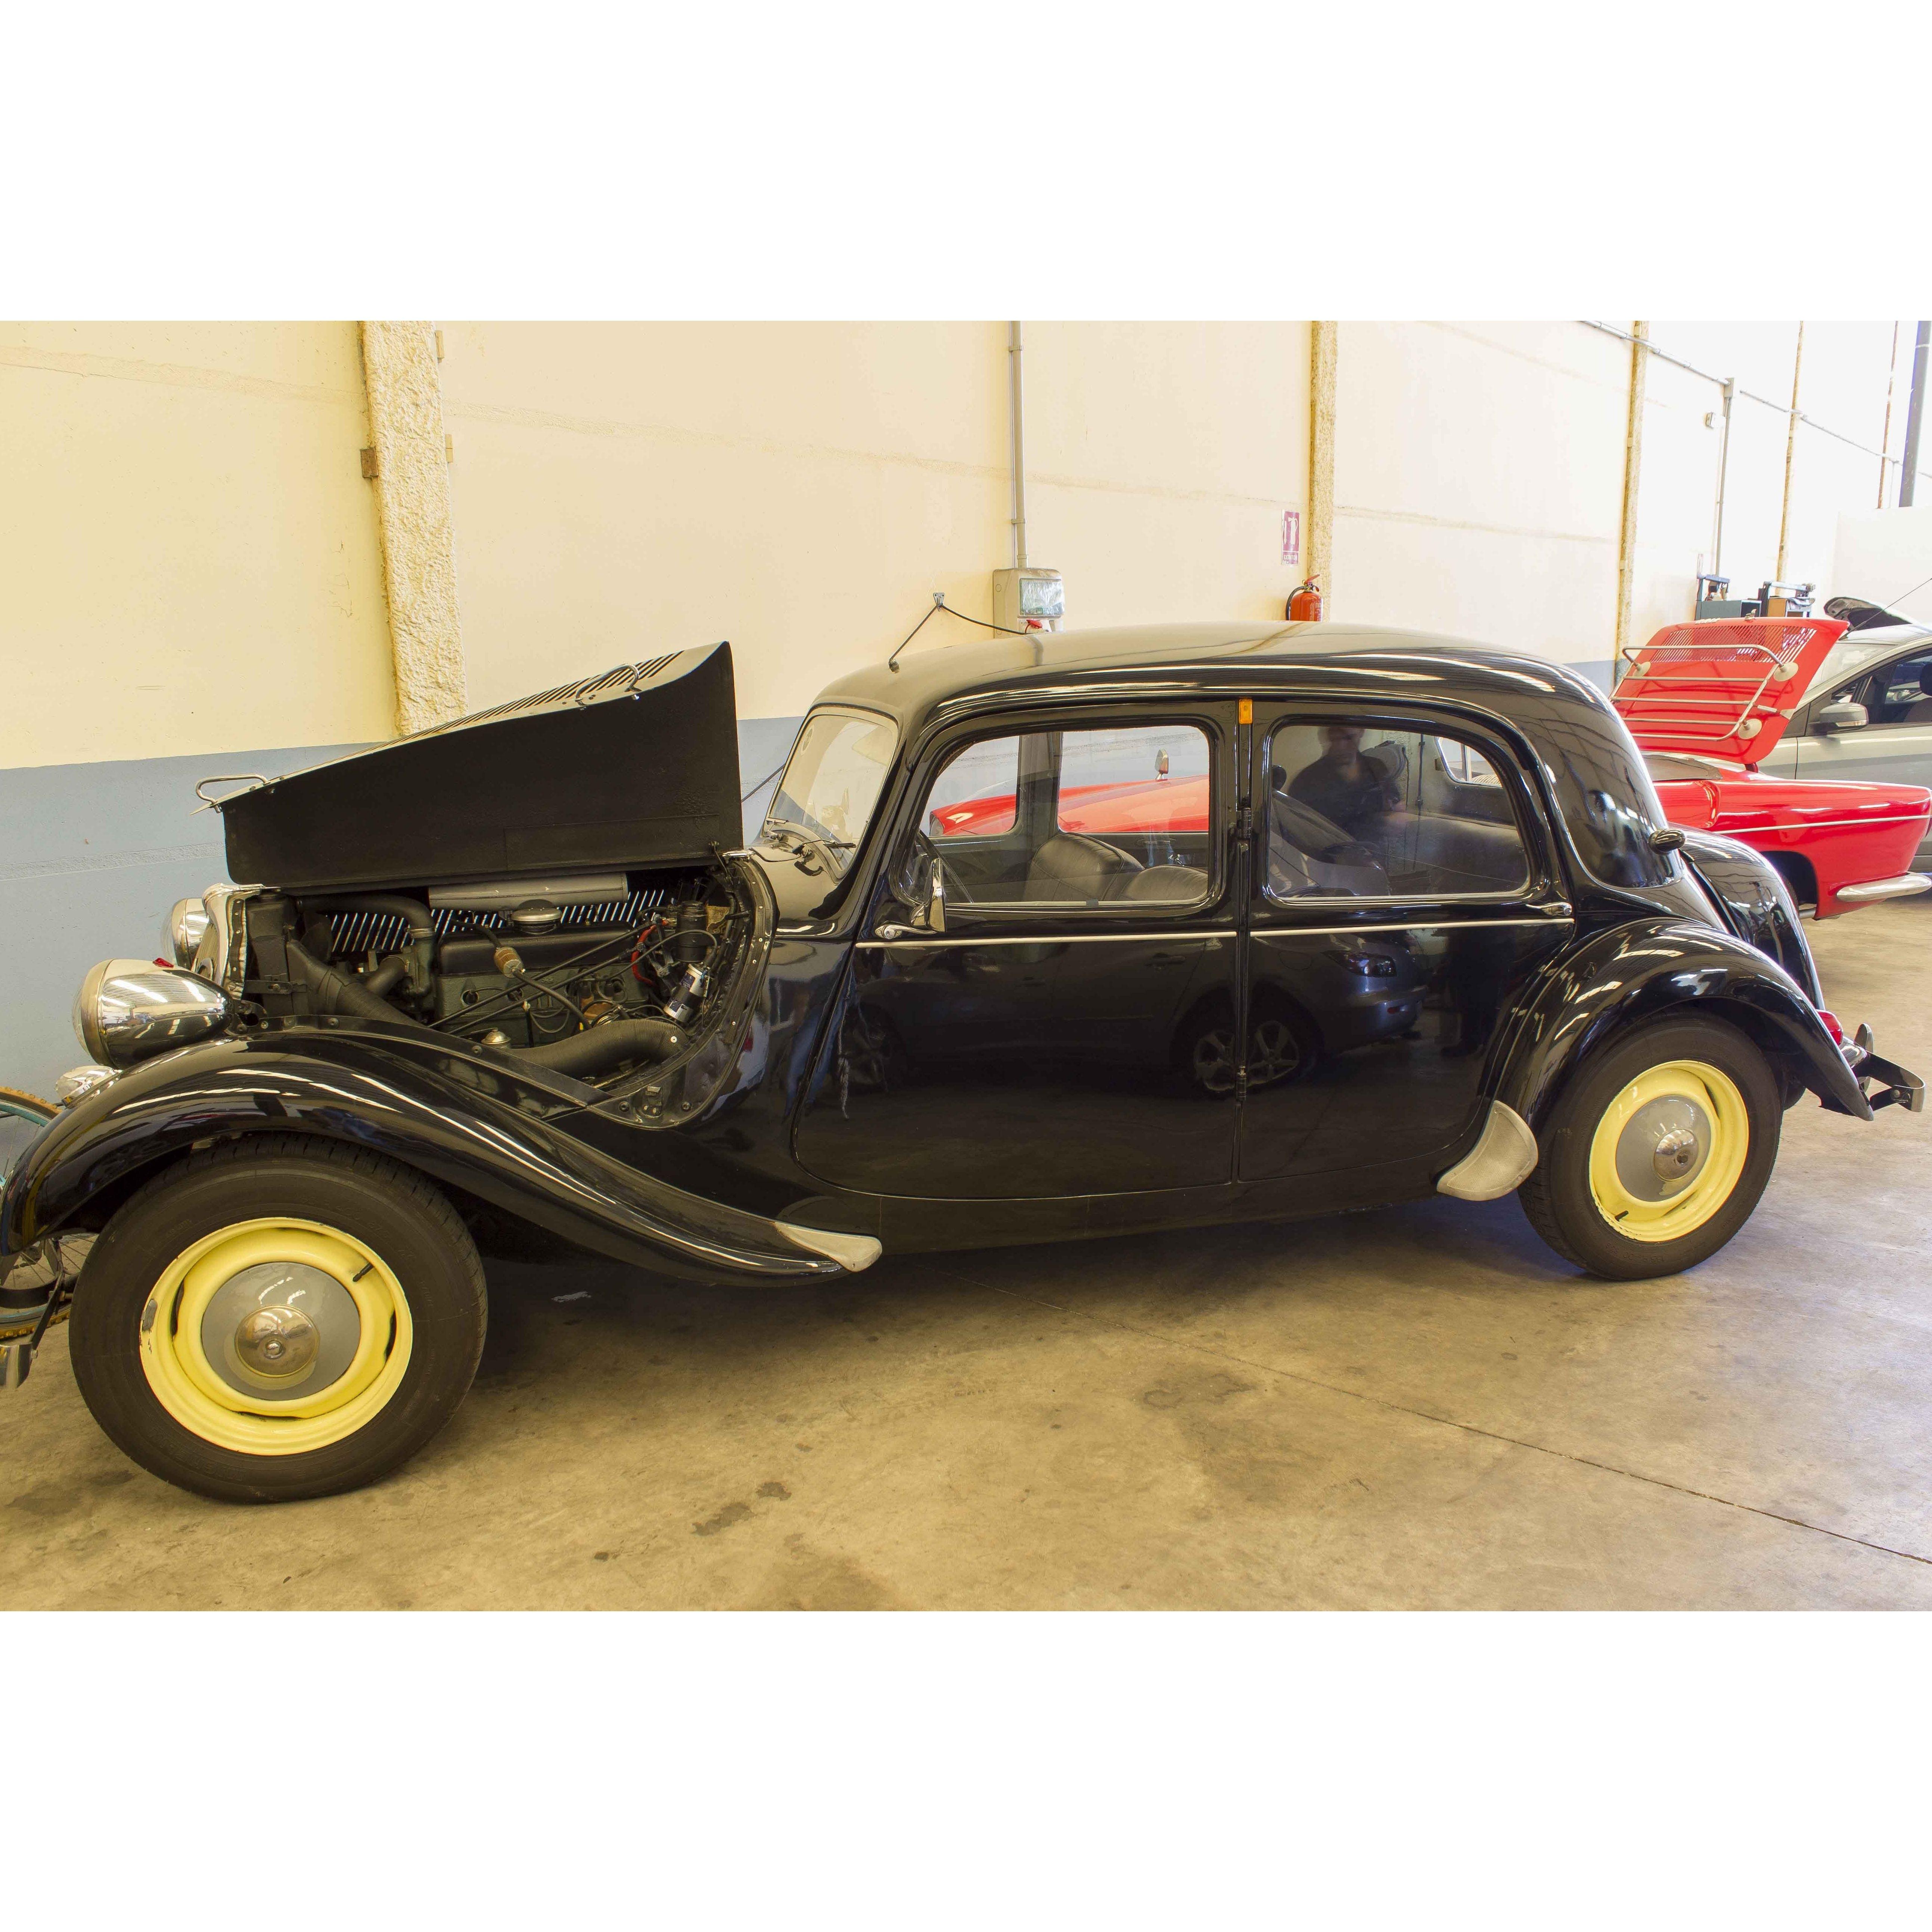 Reparaciones y restauraciones coches de época: Servicios de Talleres Pauton